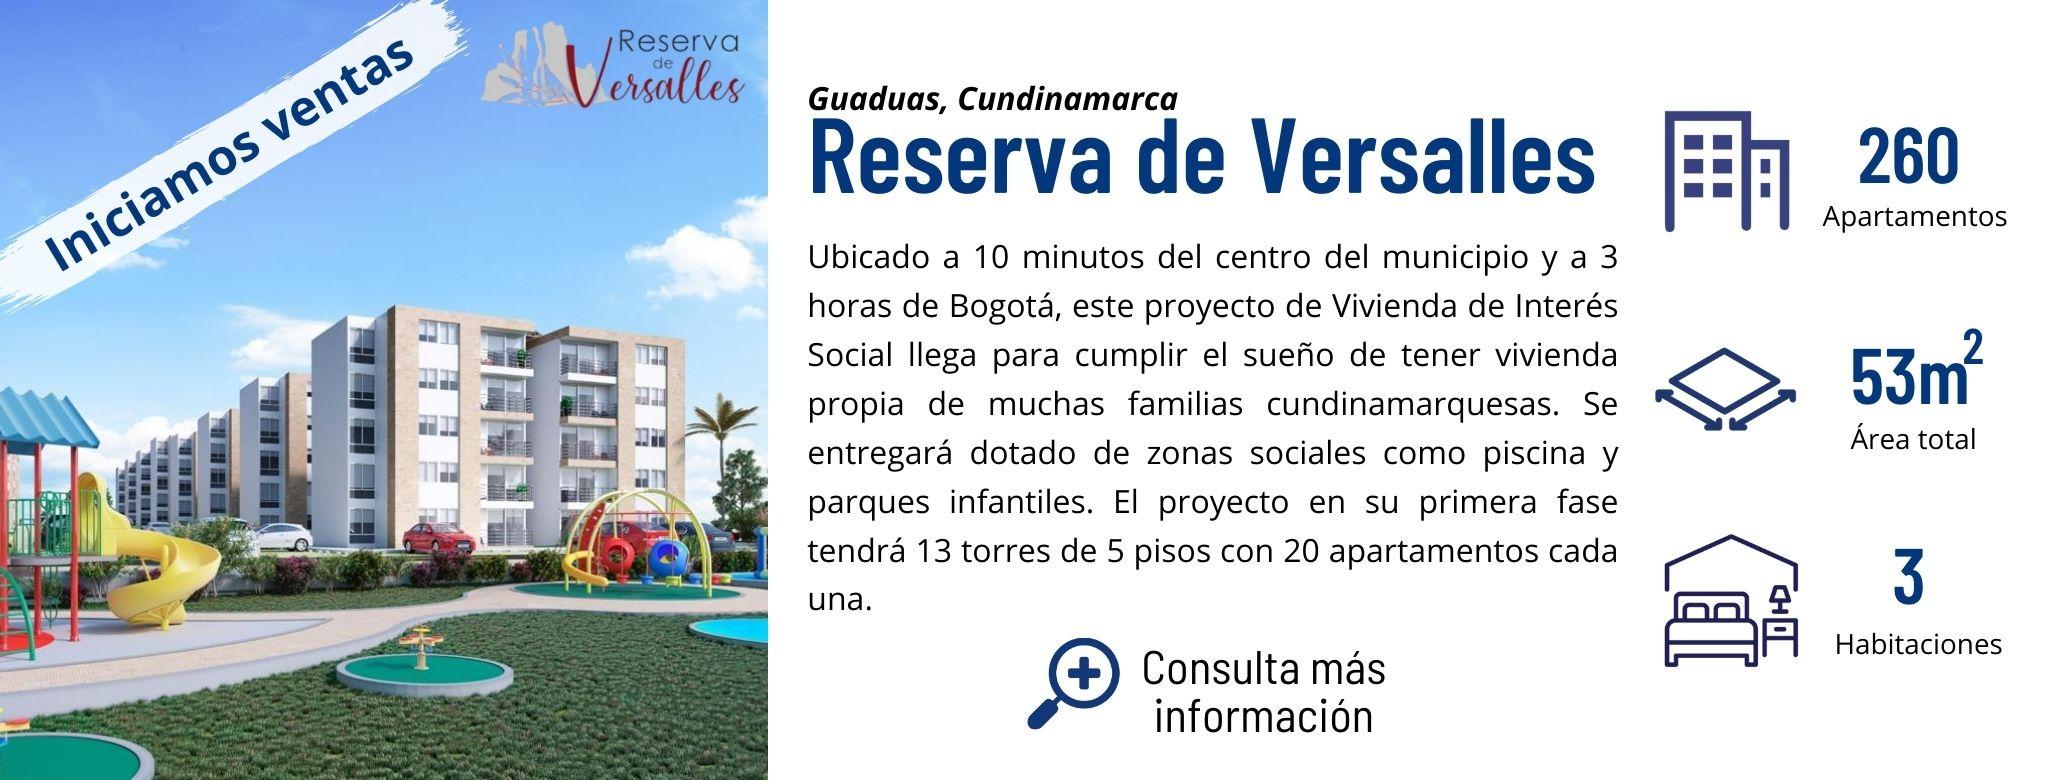 Versalles_Ventas